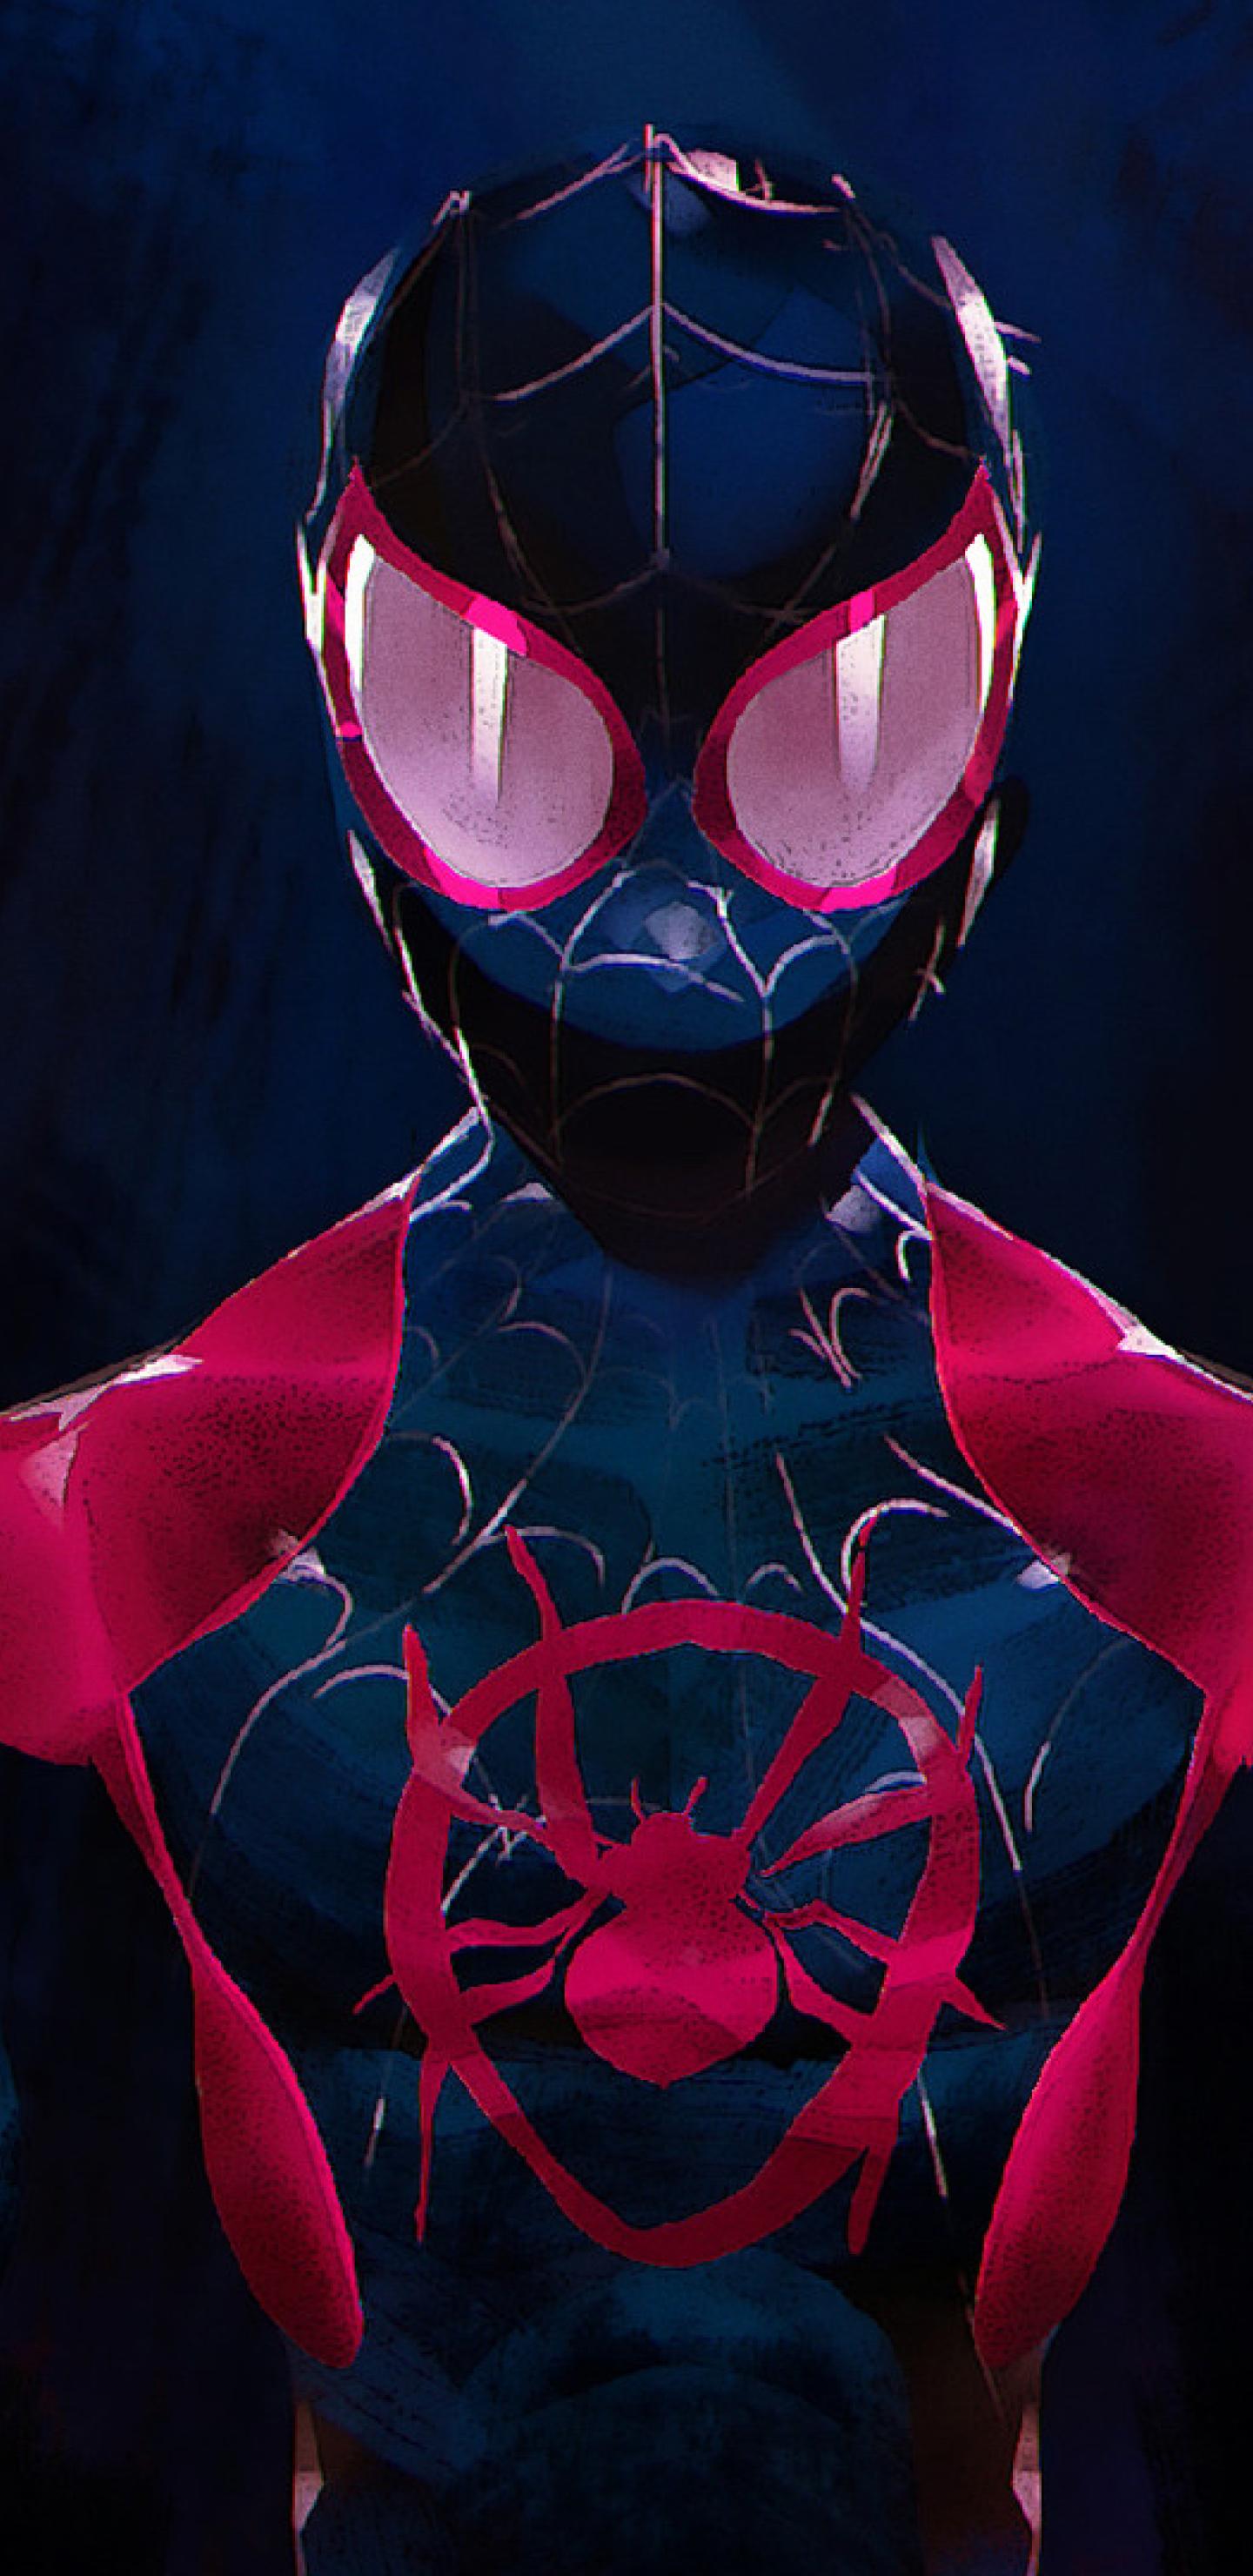 1440x2960 Spider Man Into The Spider Verse Movie Samsung Galaxy